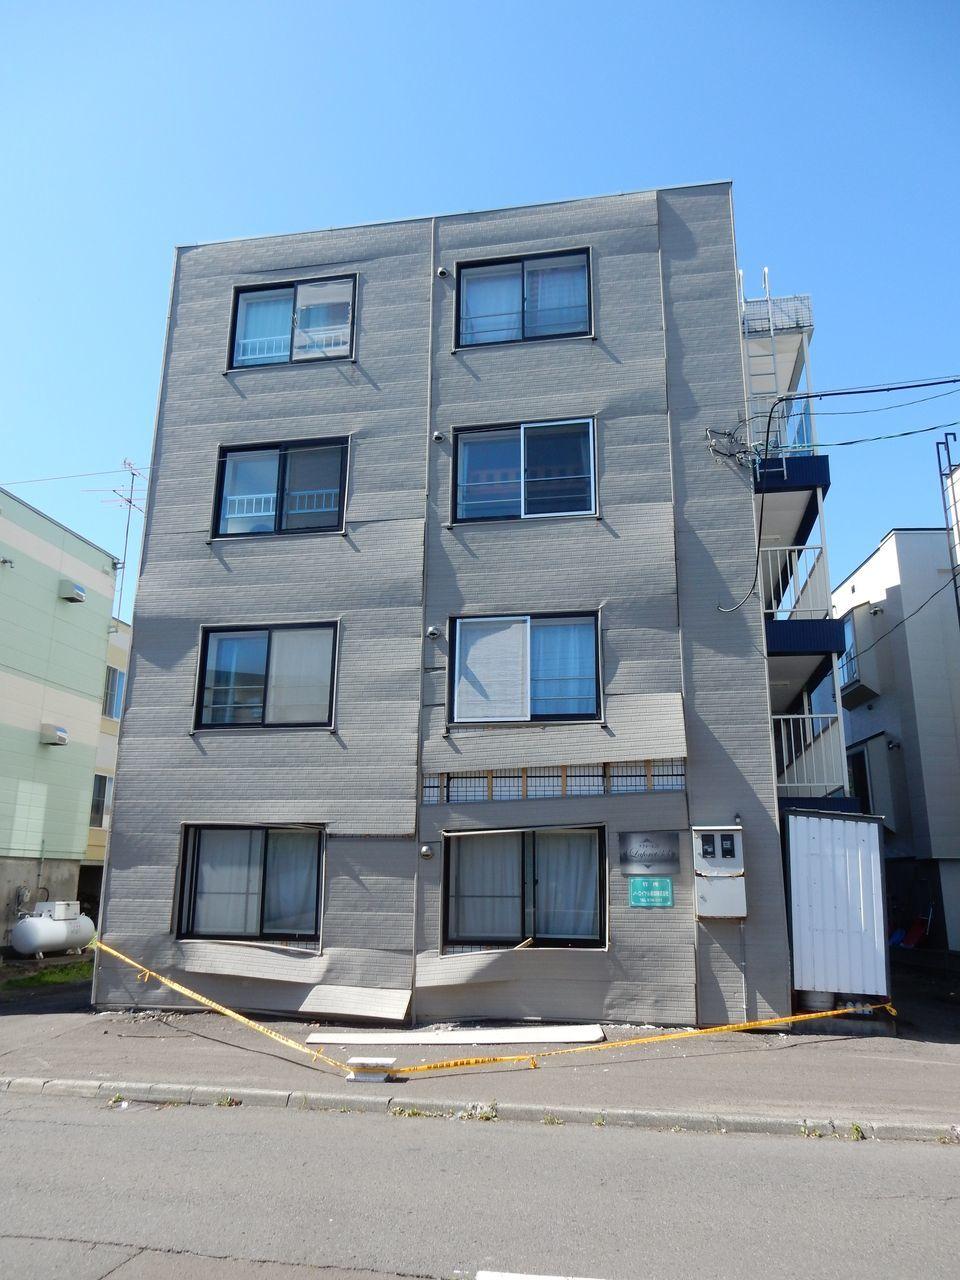 意外と近いところに半壊のアパートが_c0025115_22095412.jpg